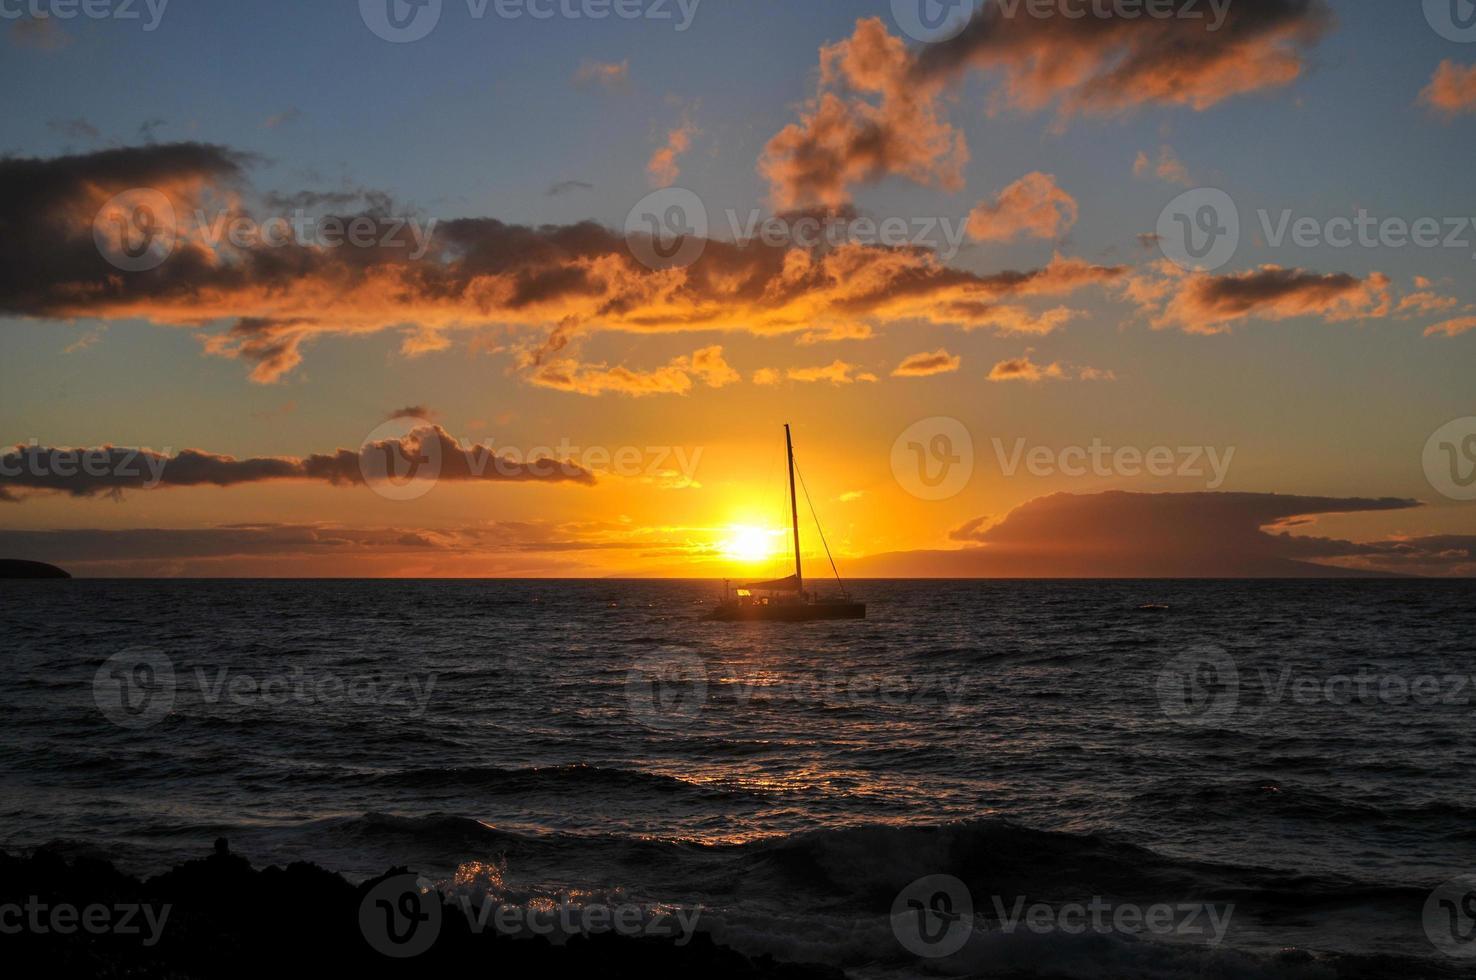 tramonto a maui - hawaii foto